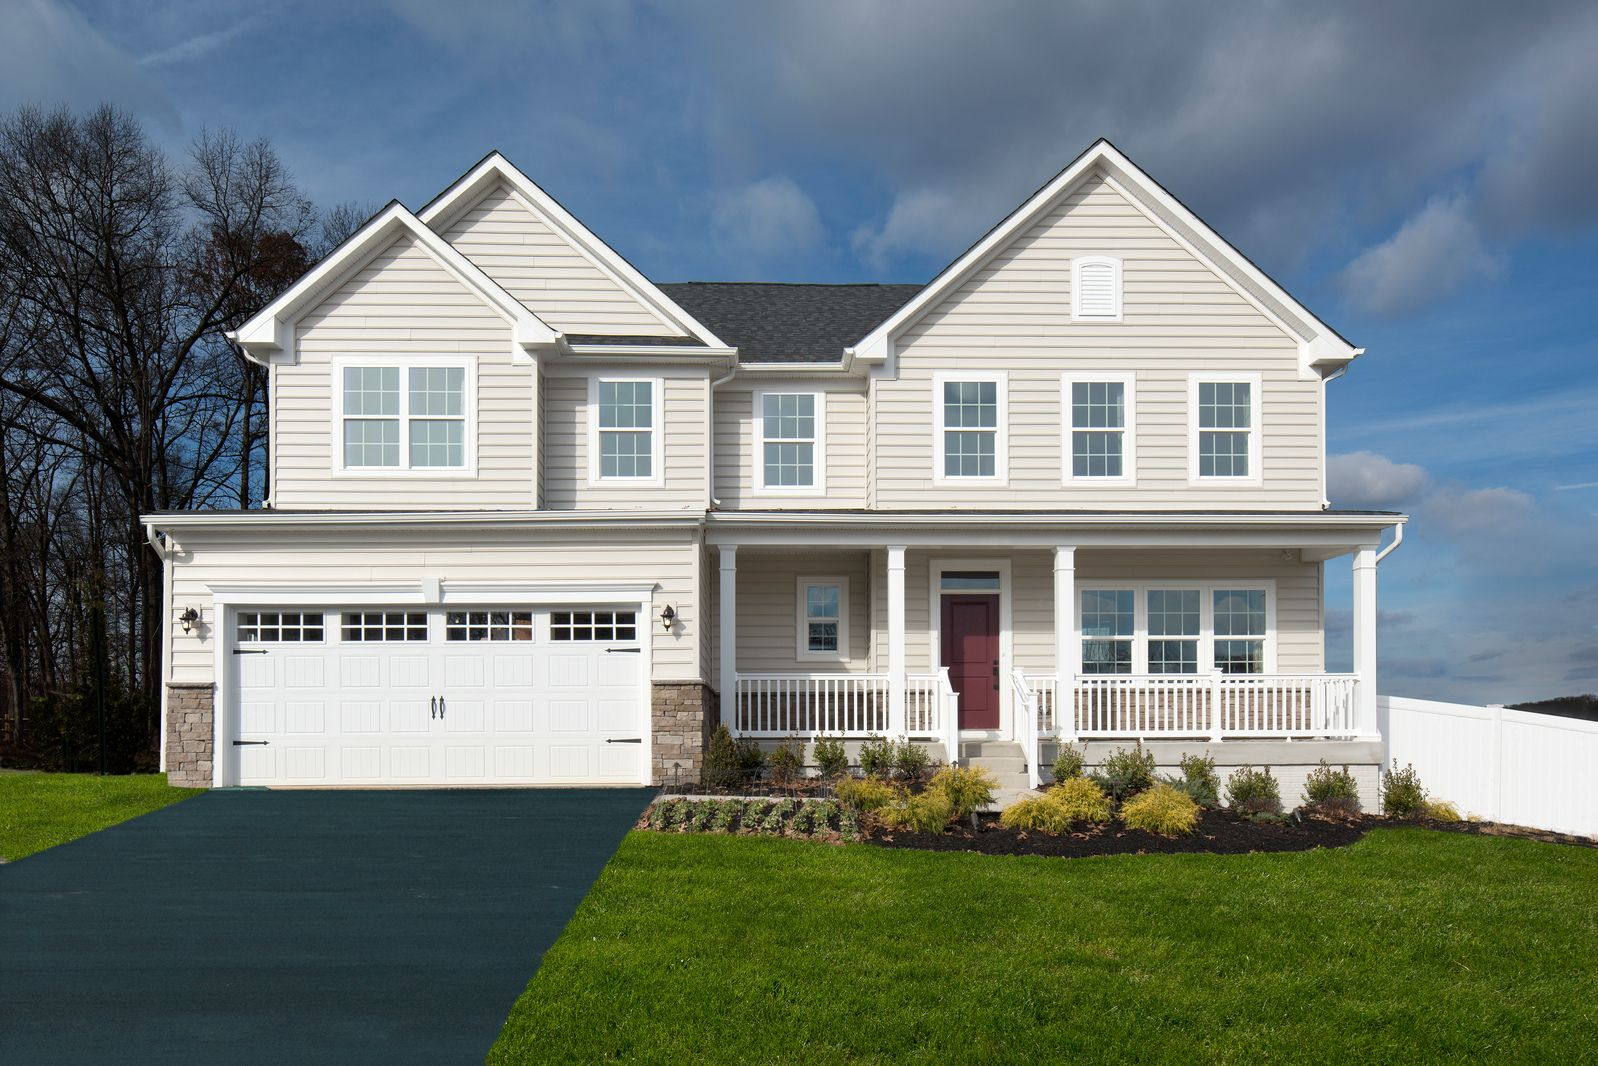 Single Family for Active at Lake Linganore Woodridge - Roanoke 6887 Woodridge Rd New Market, Maryland 21774 United States